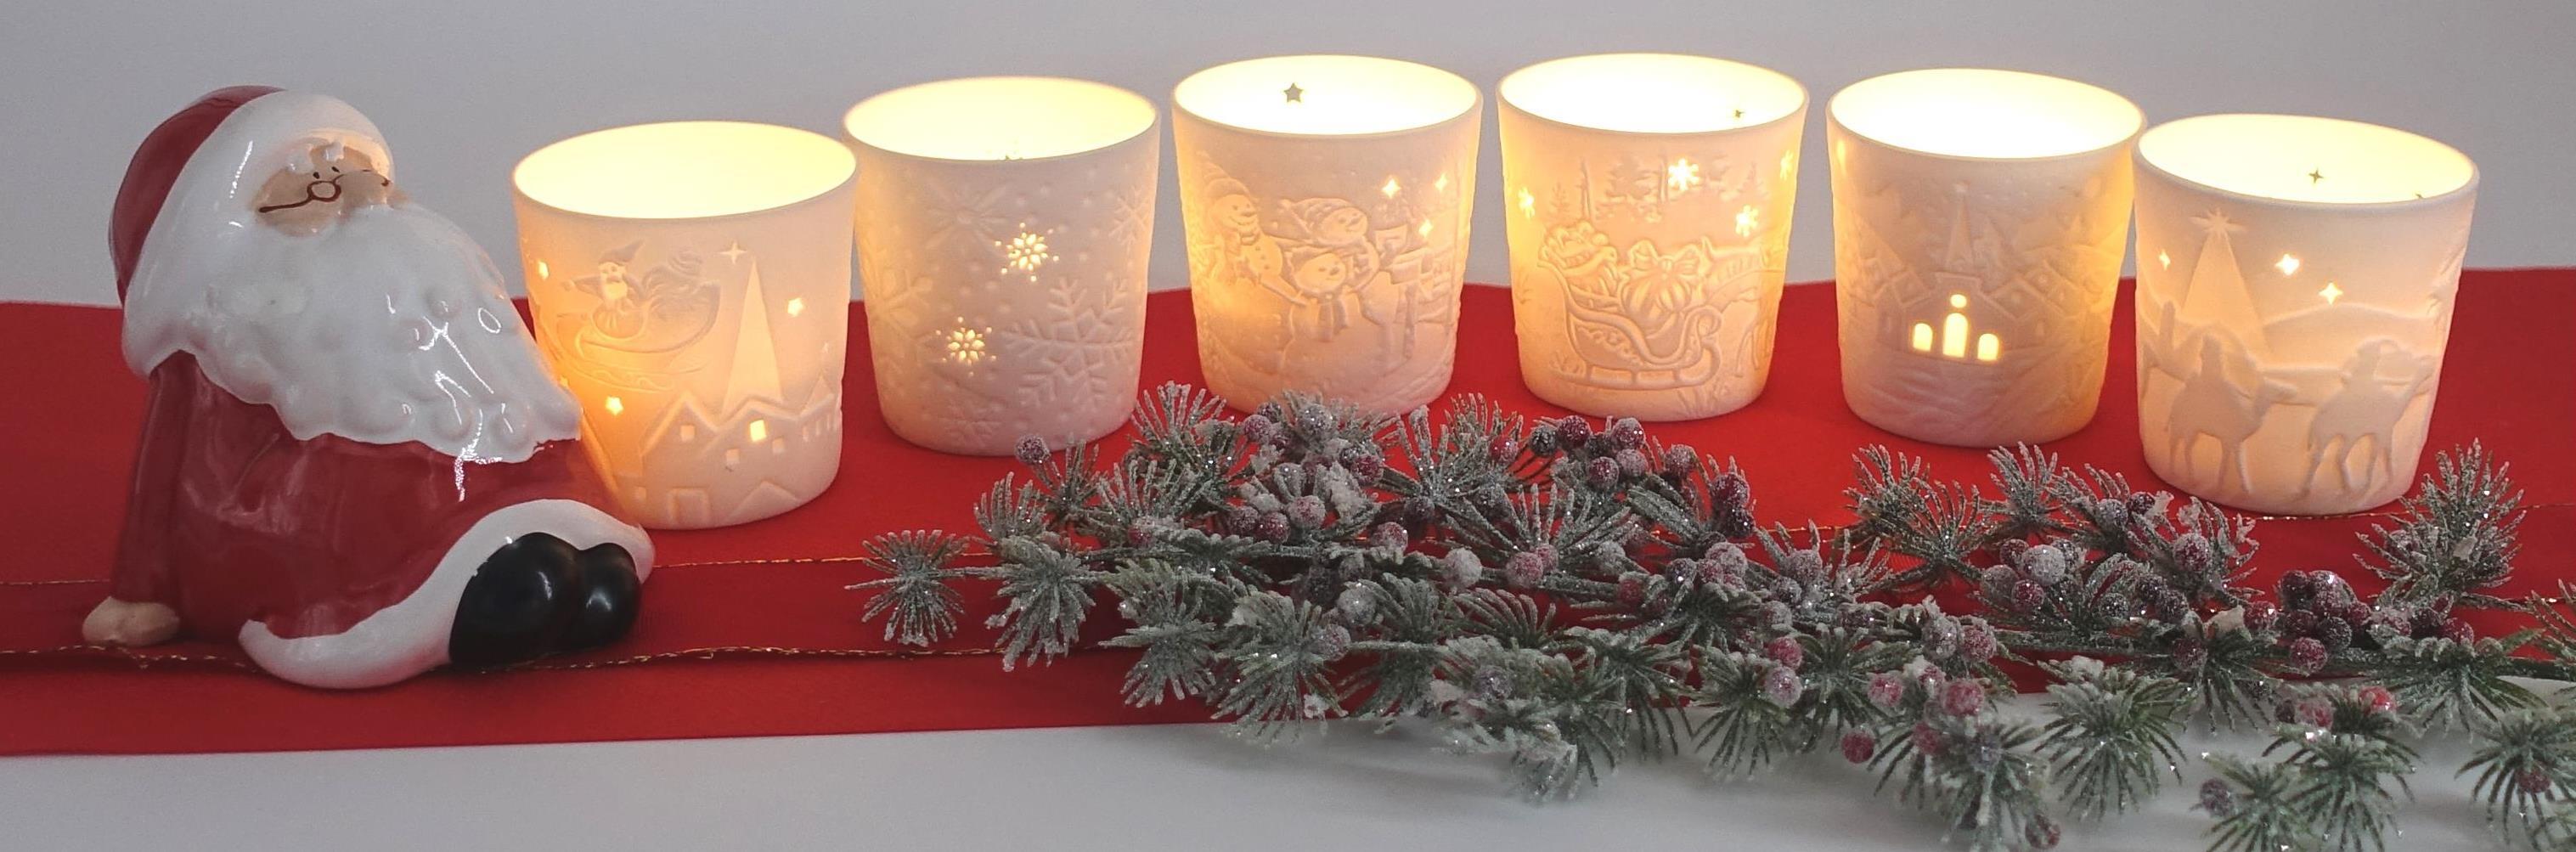 Teelichthalter-Weihnachtsmotiv